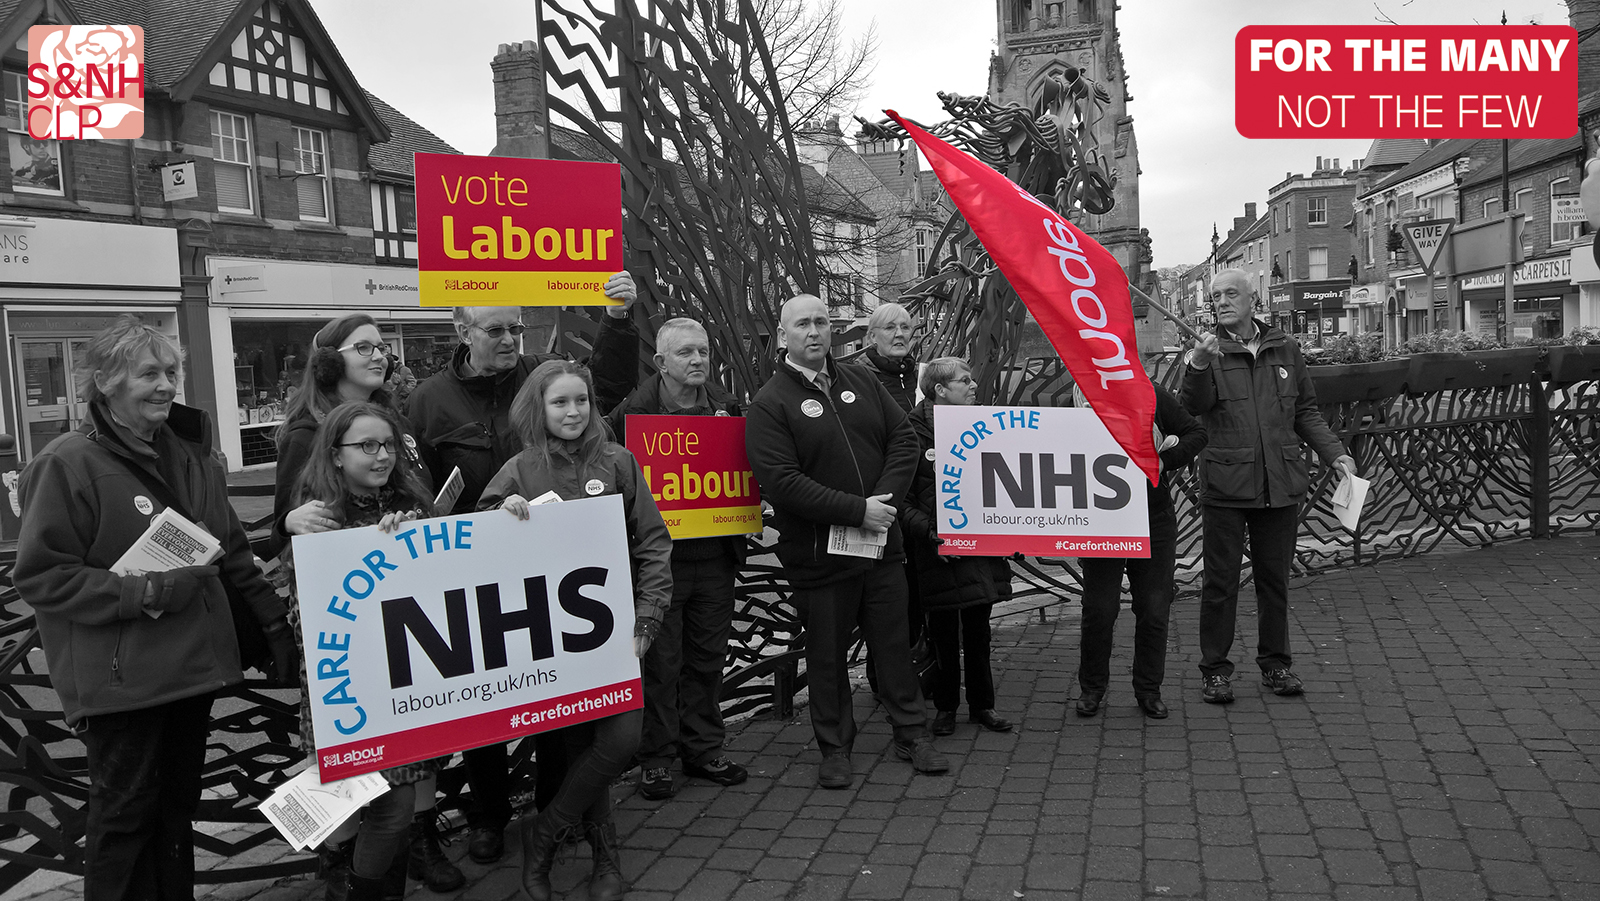 NHS_Protest_2.jpg